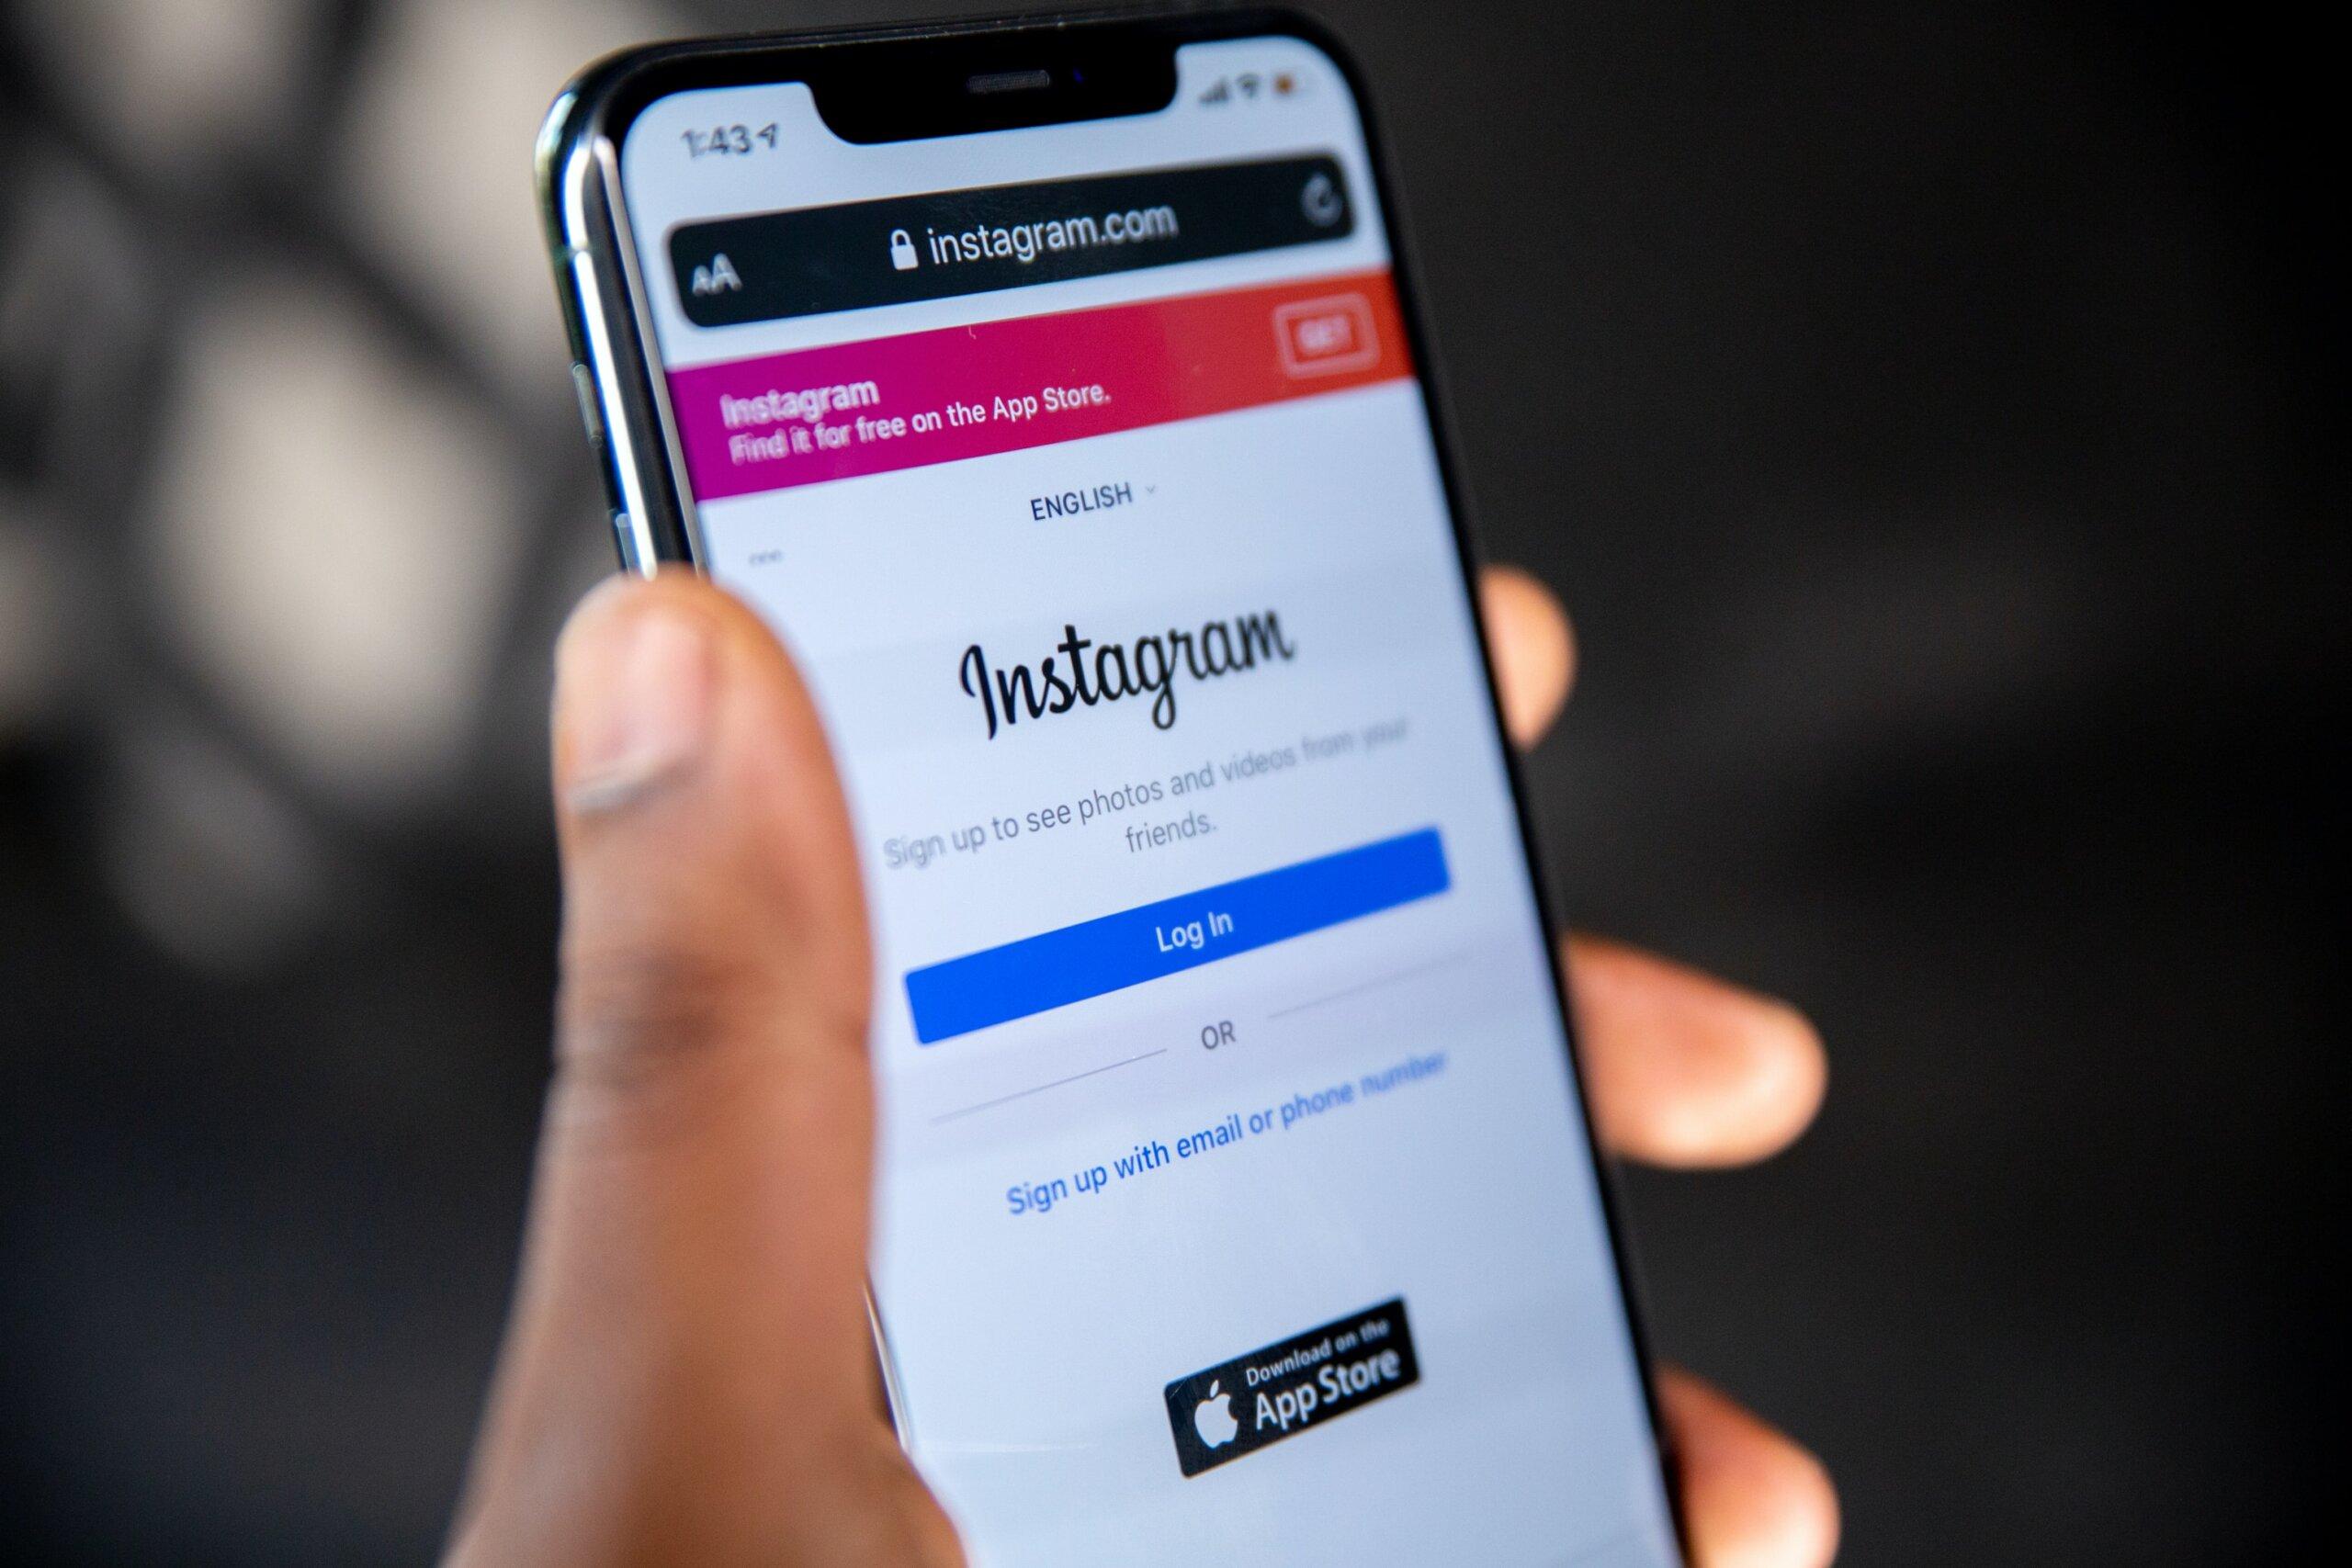 Bạn đã biết cách đăng ký Instagram bằng số điện thoại chưa? 4